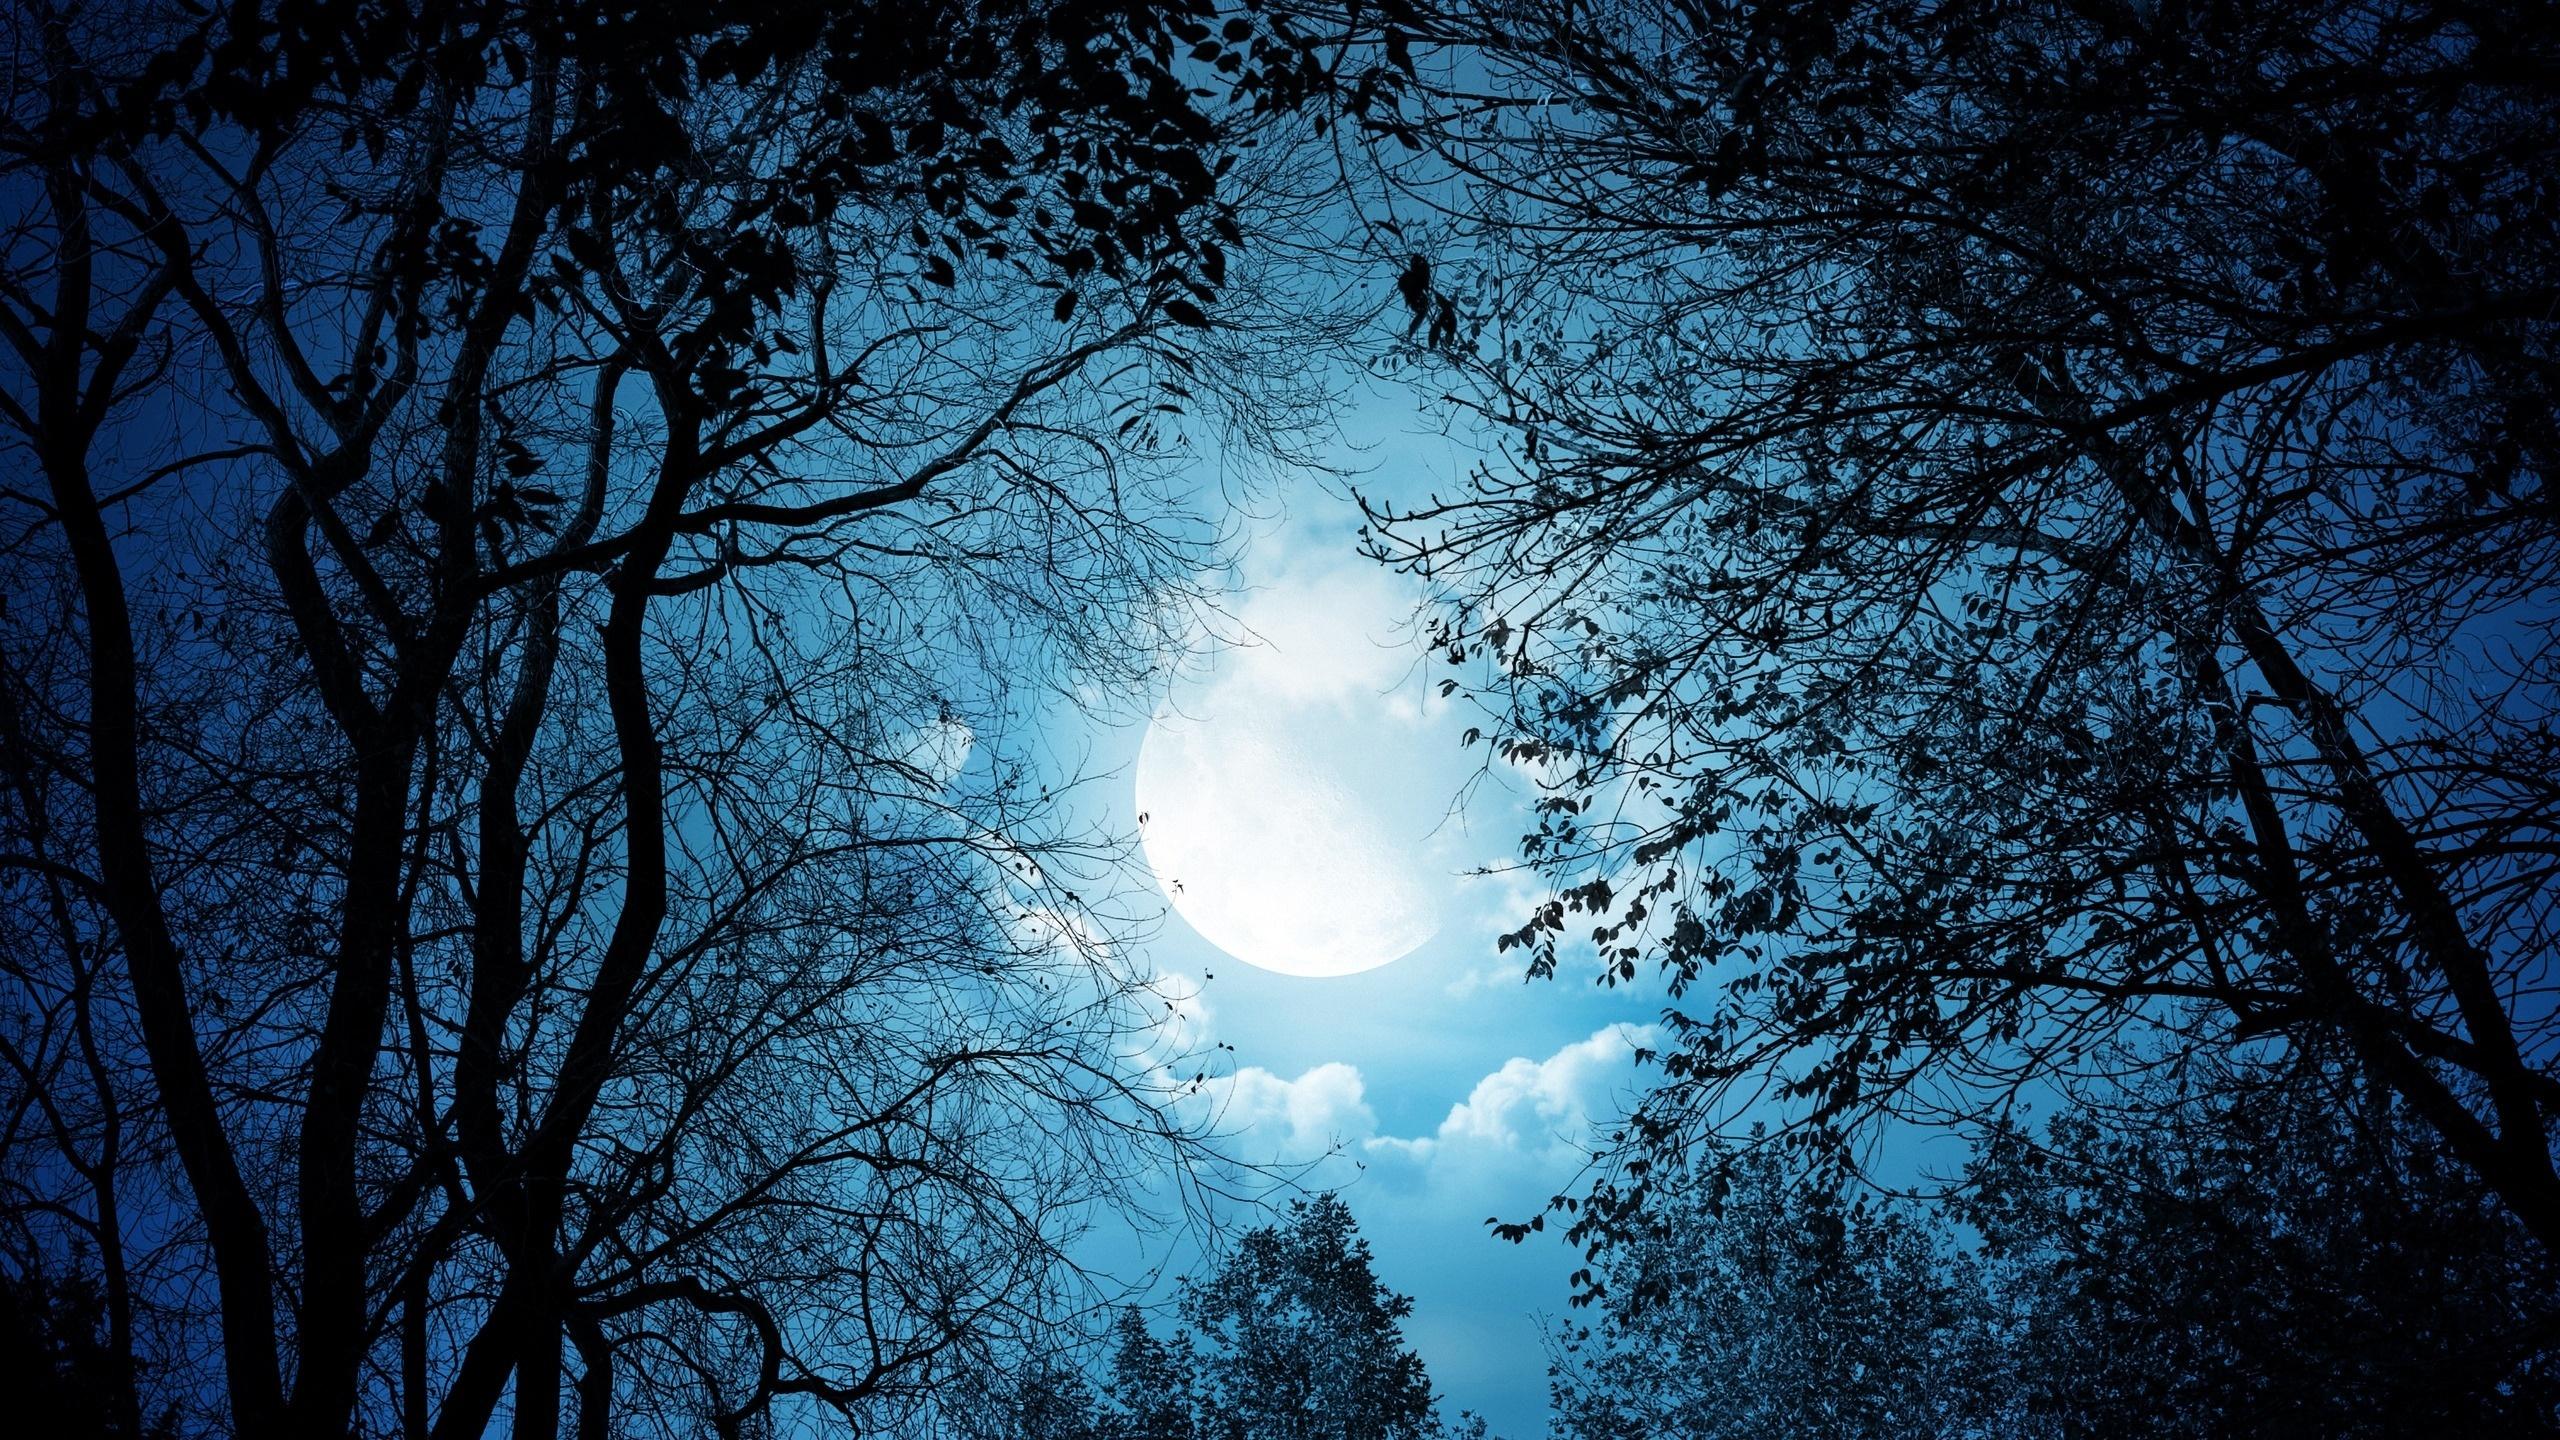 купить картинки деревьев ночью прикреплённым